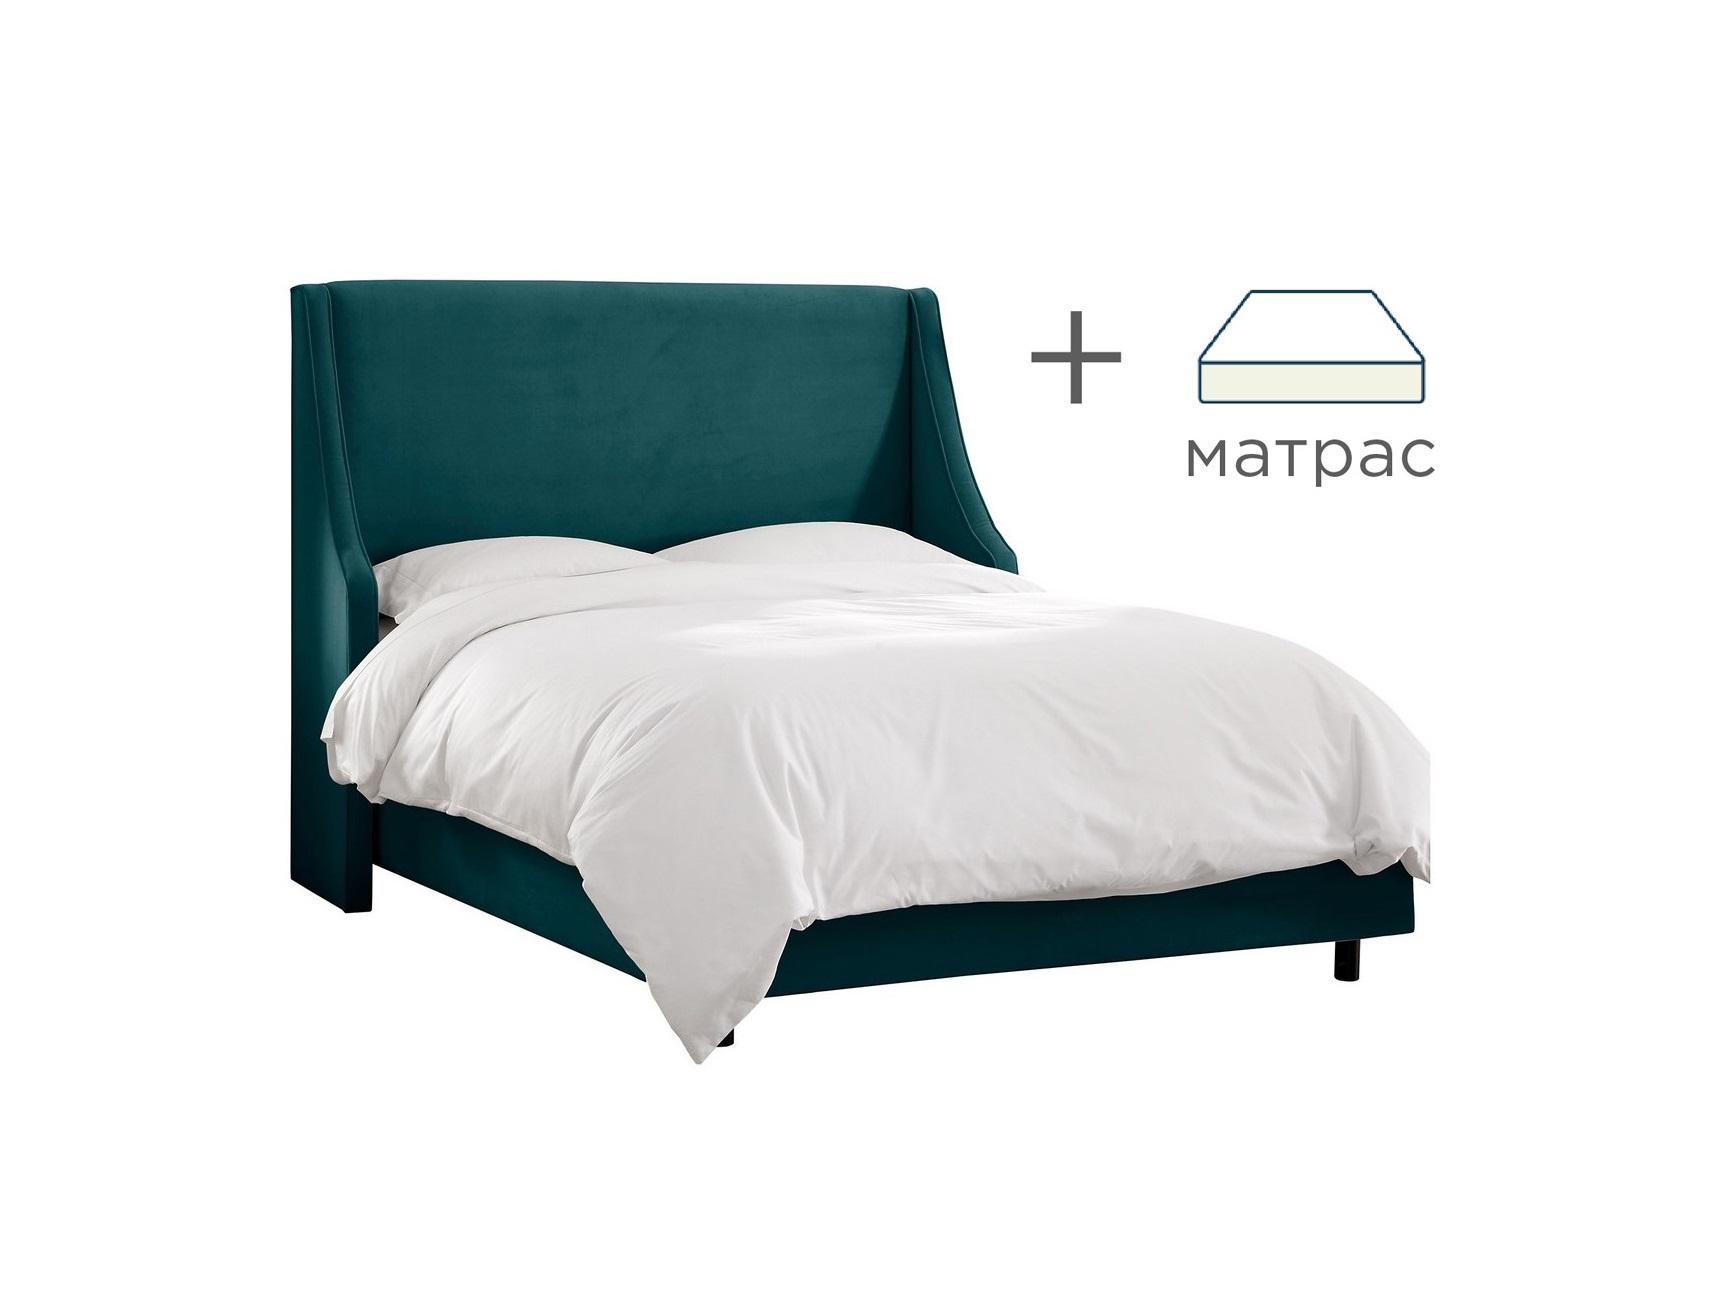 Кровать Montreal с матрасомКровати + матрасы<br>&amp;lt;div&amp;gt;Выгодная скидка при покупке комплекта!&amp;lt;/div&amp;gt;&amp;lt;div&amp;gt;Кровать вместе с ортопедическим матрасом &amp;quot;Ascona Terapia Quadra&amp;quot;.&amp;lt;/div&amp;gt;&amp;lt;div&amp;gt;&amp;lt;br&amp;gt;&amp;lt;/div&amp;gt;&amp;lt;div&amp;gt;Характеристики кровати:&amp;lt;/div&amp;gt;&amp;lt;div&amp;gt;Размер спального места: 160х200 см&amp;lt;br&amp;gt;&amp;lt;/div&amp;gt;&amp;lt;div&amp;gt;Материалы: массив, текстиль&amp;amp;nbsp;&amp;lt;br&amp;gt;&amp;lt;/div&amp;gt;&amp;lt;div&amp;gt;&amp;lt;br&amp;gt;&amp;lt;/div&amp;gt;&amp;lt;div&amp;gt;Характеристики матрасы:&amp;lt;/div&amp;gt;&amp;lt;div&amp;gt;&amp;lt;div&amp;gt;Блок независимых пружин «Песочные часы Extra»&amp;lt;br&amp;gt;&amp;lt;/div&amp;gt;&amp;lt;div&amp;gt;Кокосовая плита&amp;lt;/div&amp;gt;&amp;lt;div&amp;gt;Короб из пены &amp;quot;Orto Foam&amp;quot;&amp;lt;/div&amp;gt;&amp;lt;div&amp;gt;Чехол матраса сшит из трикотажа с антибактериальной пропиткой и ионами Ag+&amp;lt;/div&amp;gt;&amp;lt;/div&amp;gt;&amp;lt;div&amp;gt;&amp;lt;br&amp;gt;&amp;lt;/div&amp;gt;<br><br>Material: Текстиль<br>Ширина см: 225<br>Высота см: 140<br>Глубина см: 180